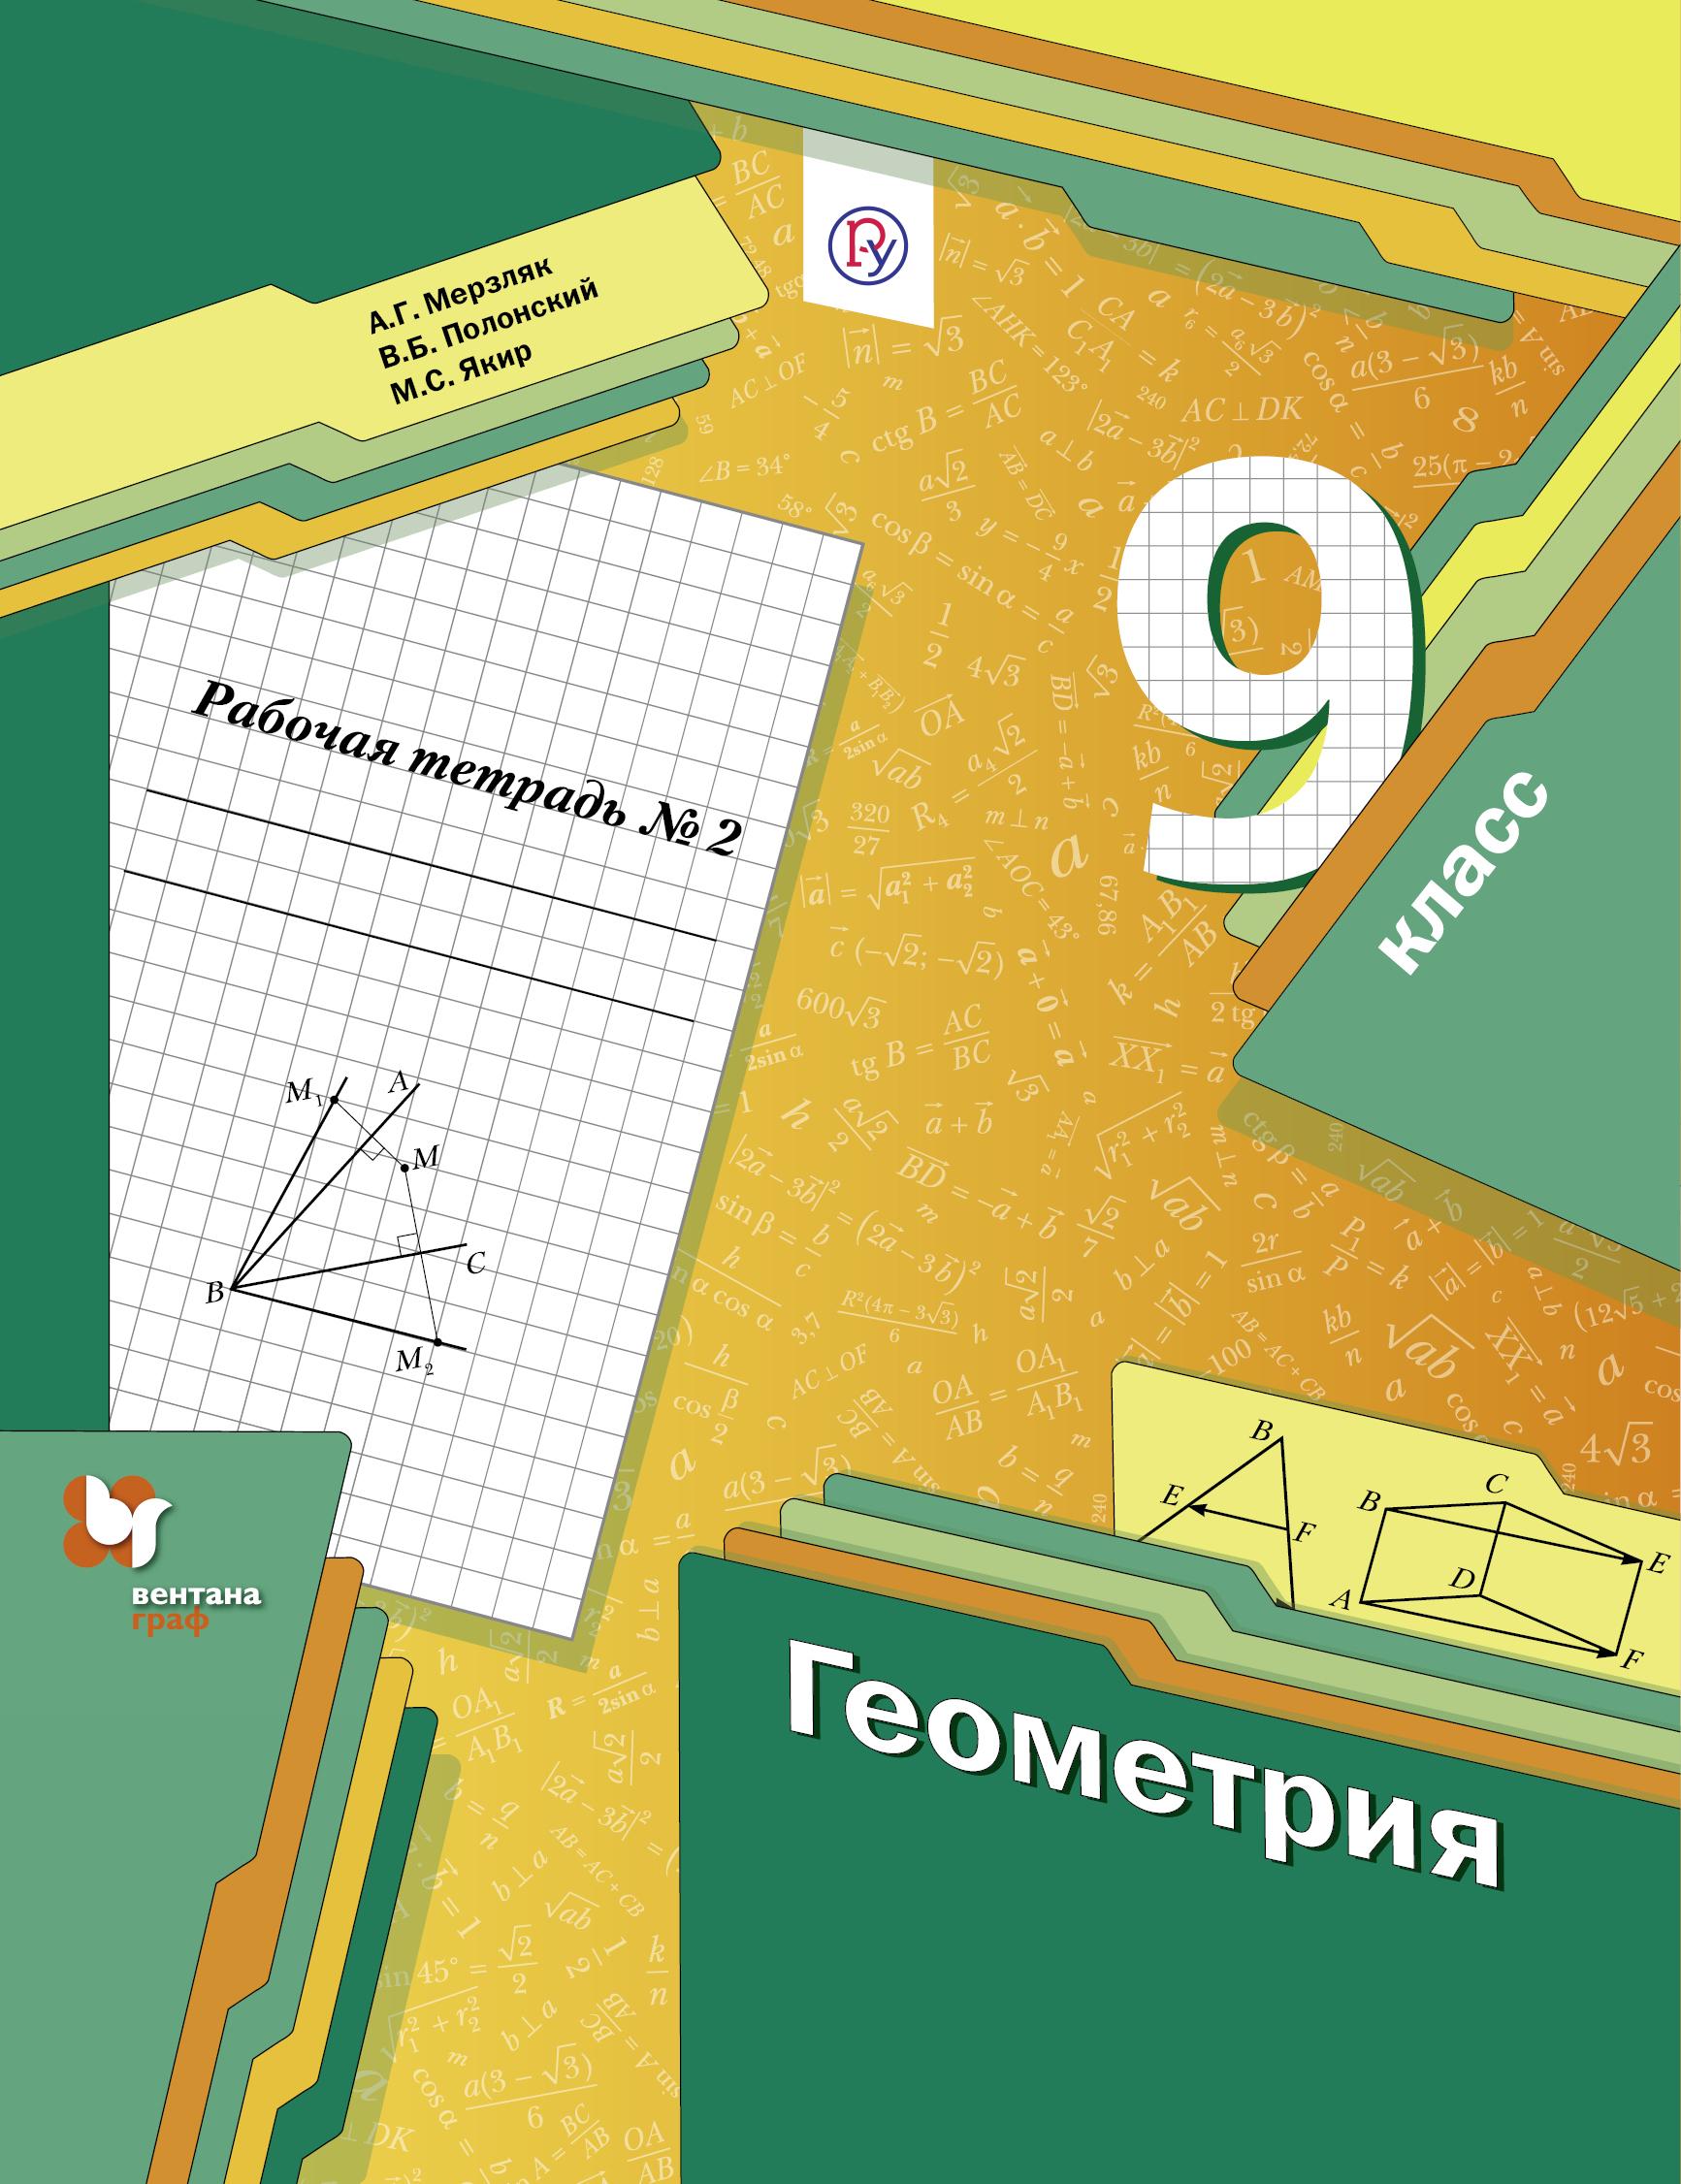 Геометрия. 9класс. Рабочая тетрадь № 2